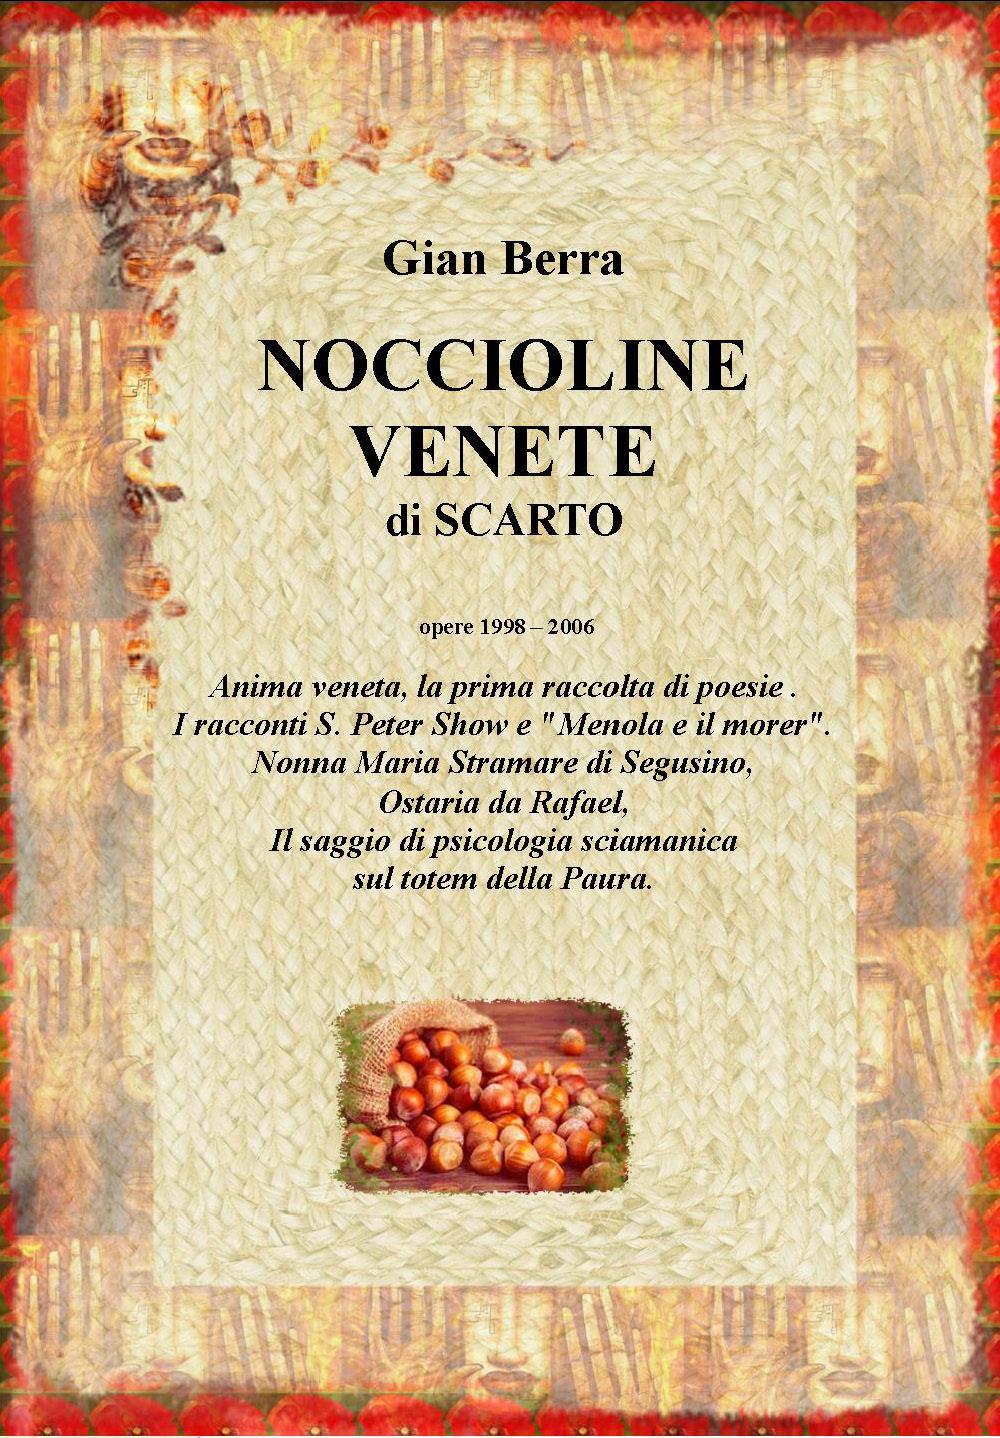 Noccioline venete. Poesie, Racconti e Psicologia sciamanica. Gian Berra 2021